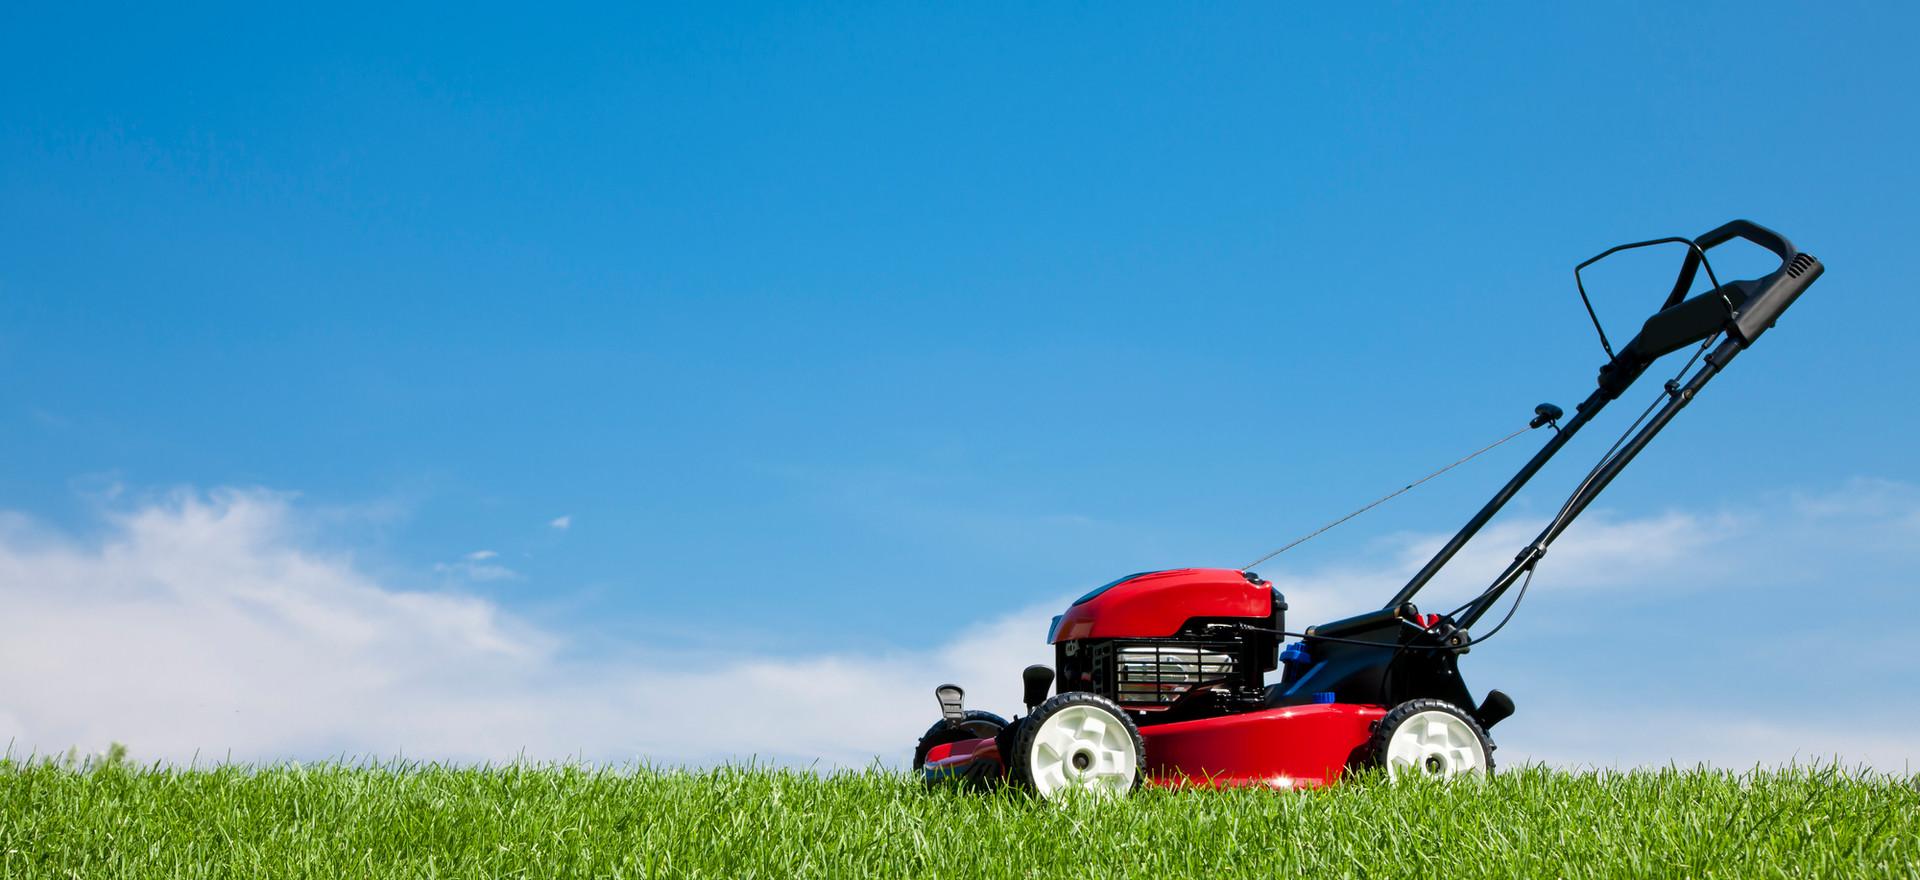 Grass Cutting Machine Rental Service